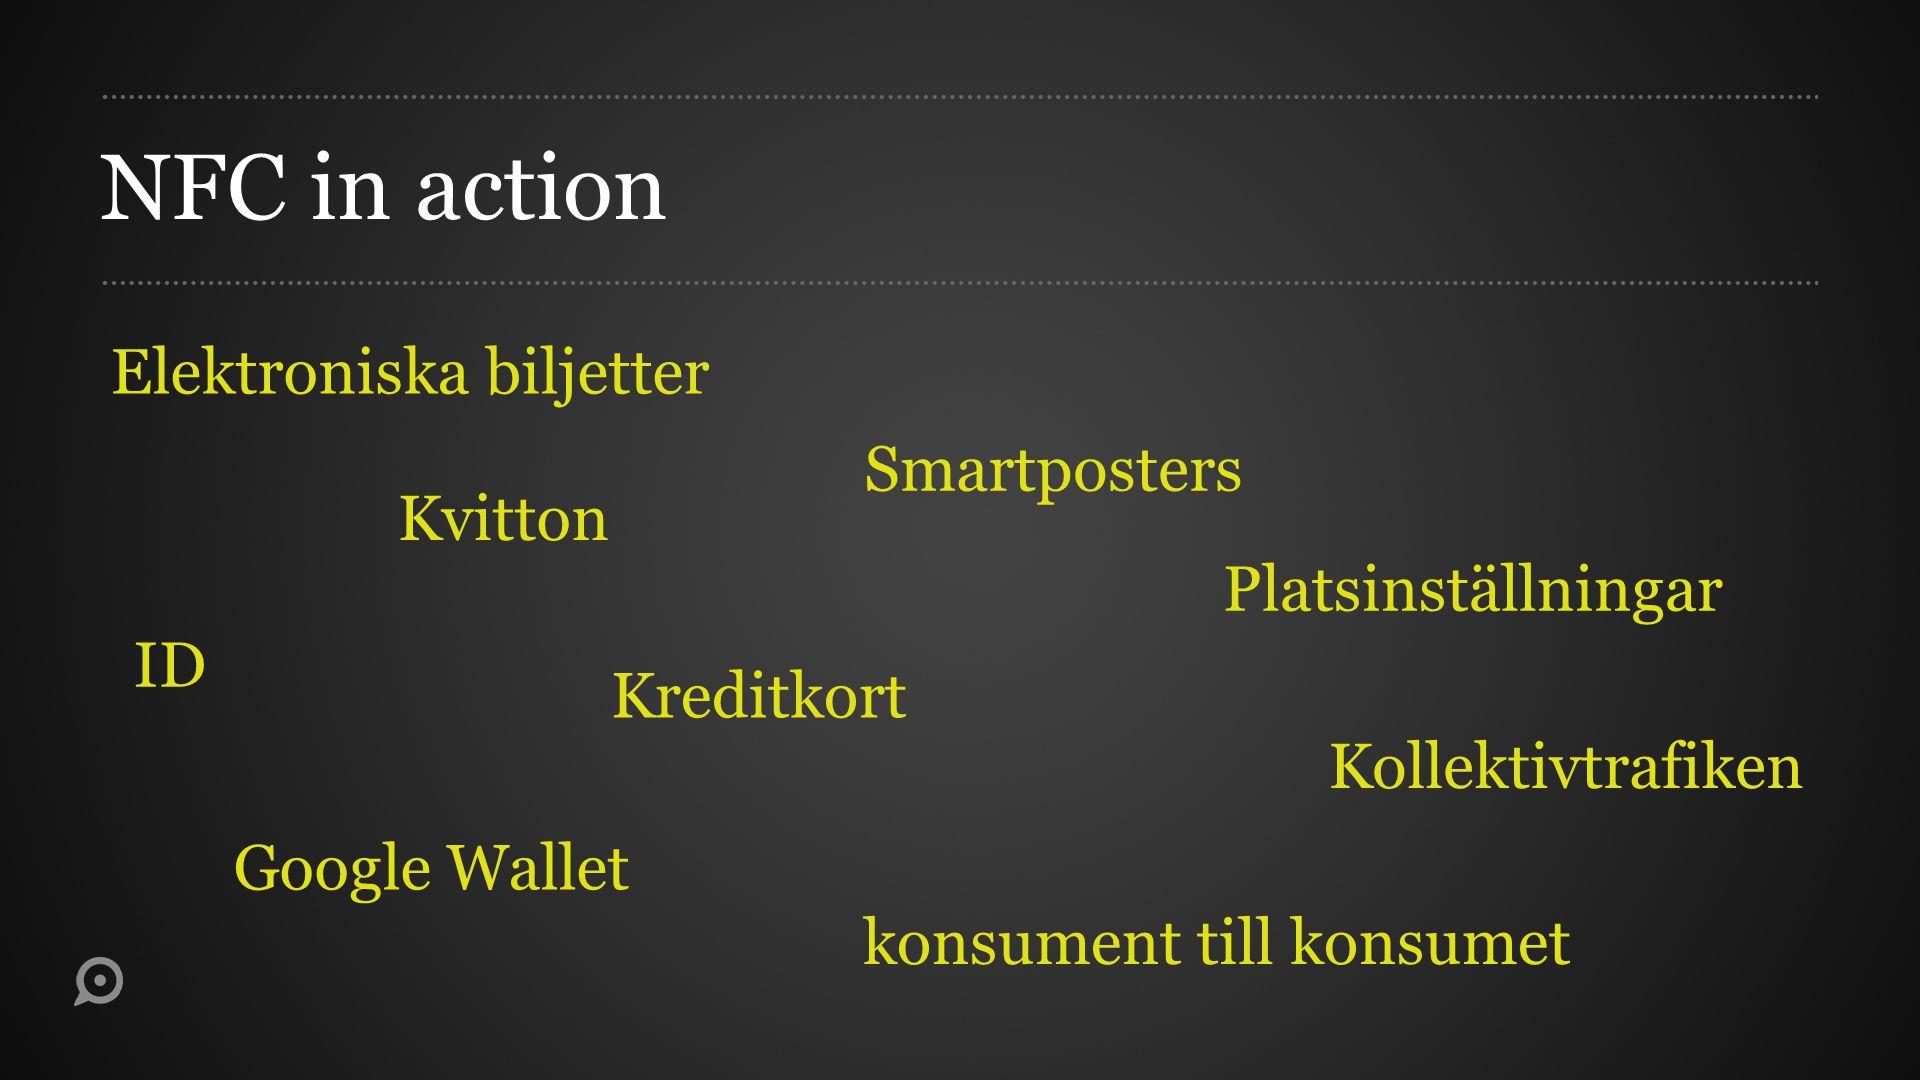 NFC in action Elektroniska biljetter Kvitton Kreditkort Kollektivtrafiken Smartposters Google Wallet Platsinställningar ID konsument till konsumet